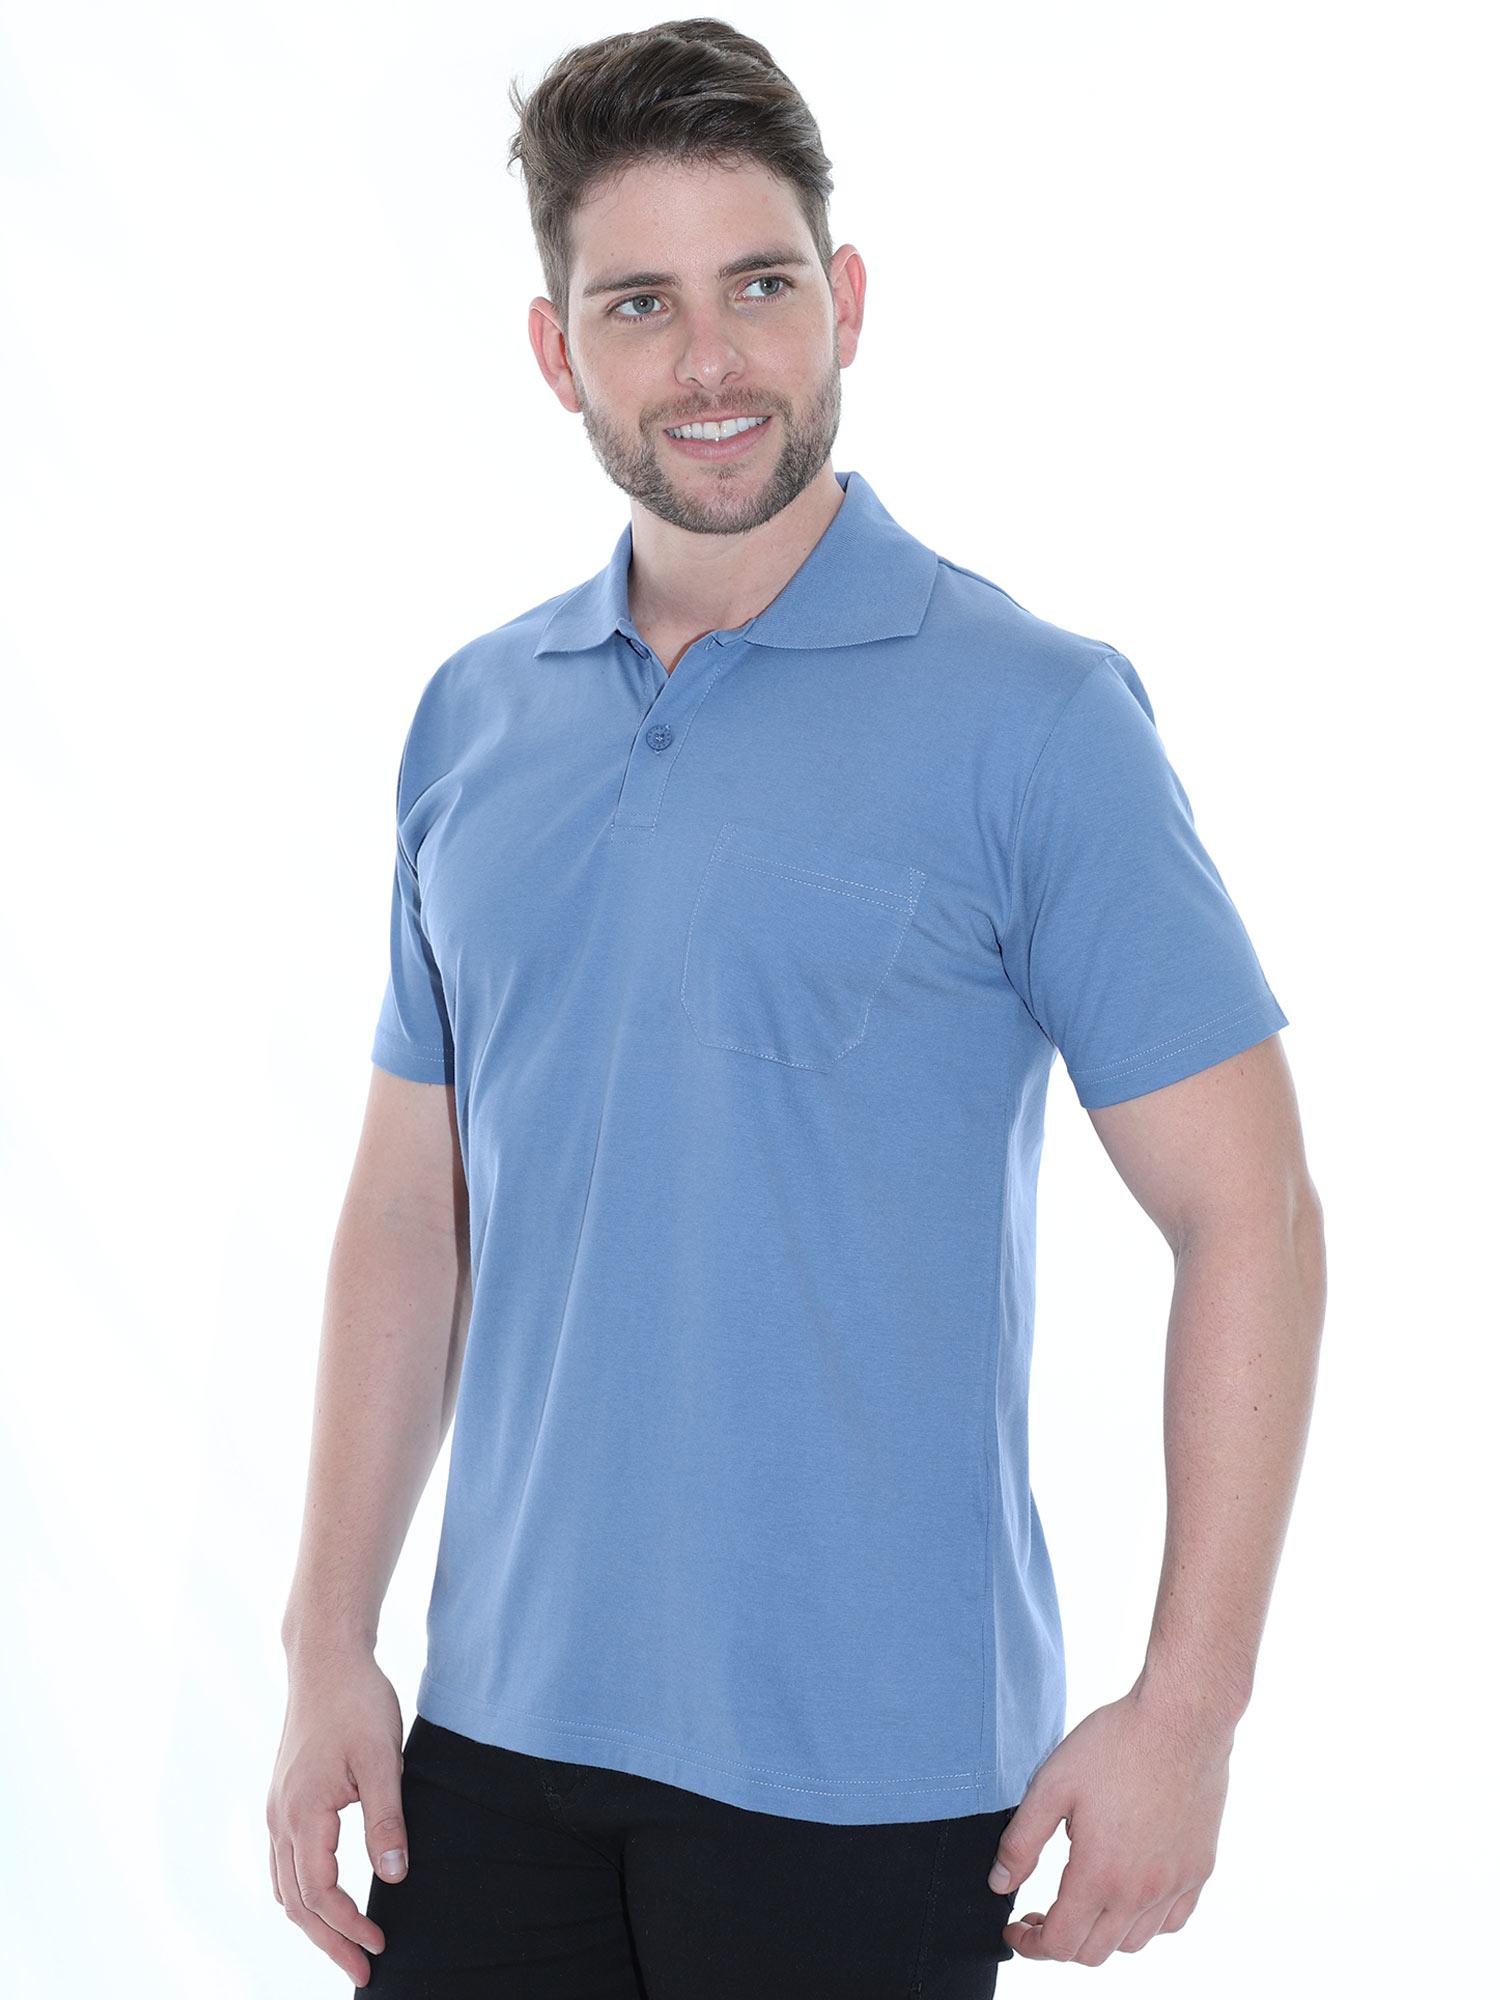 Camisa Polo Masculina com Bolso Básica Algodão Lisa Indigo